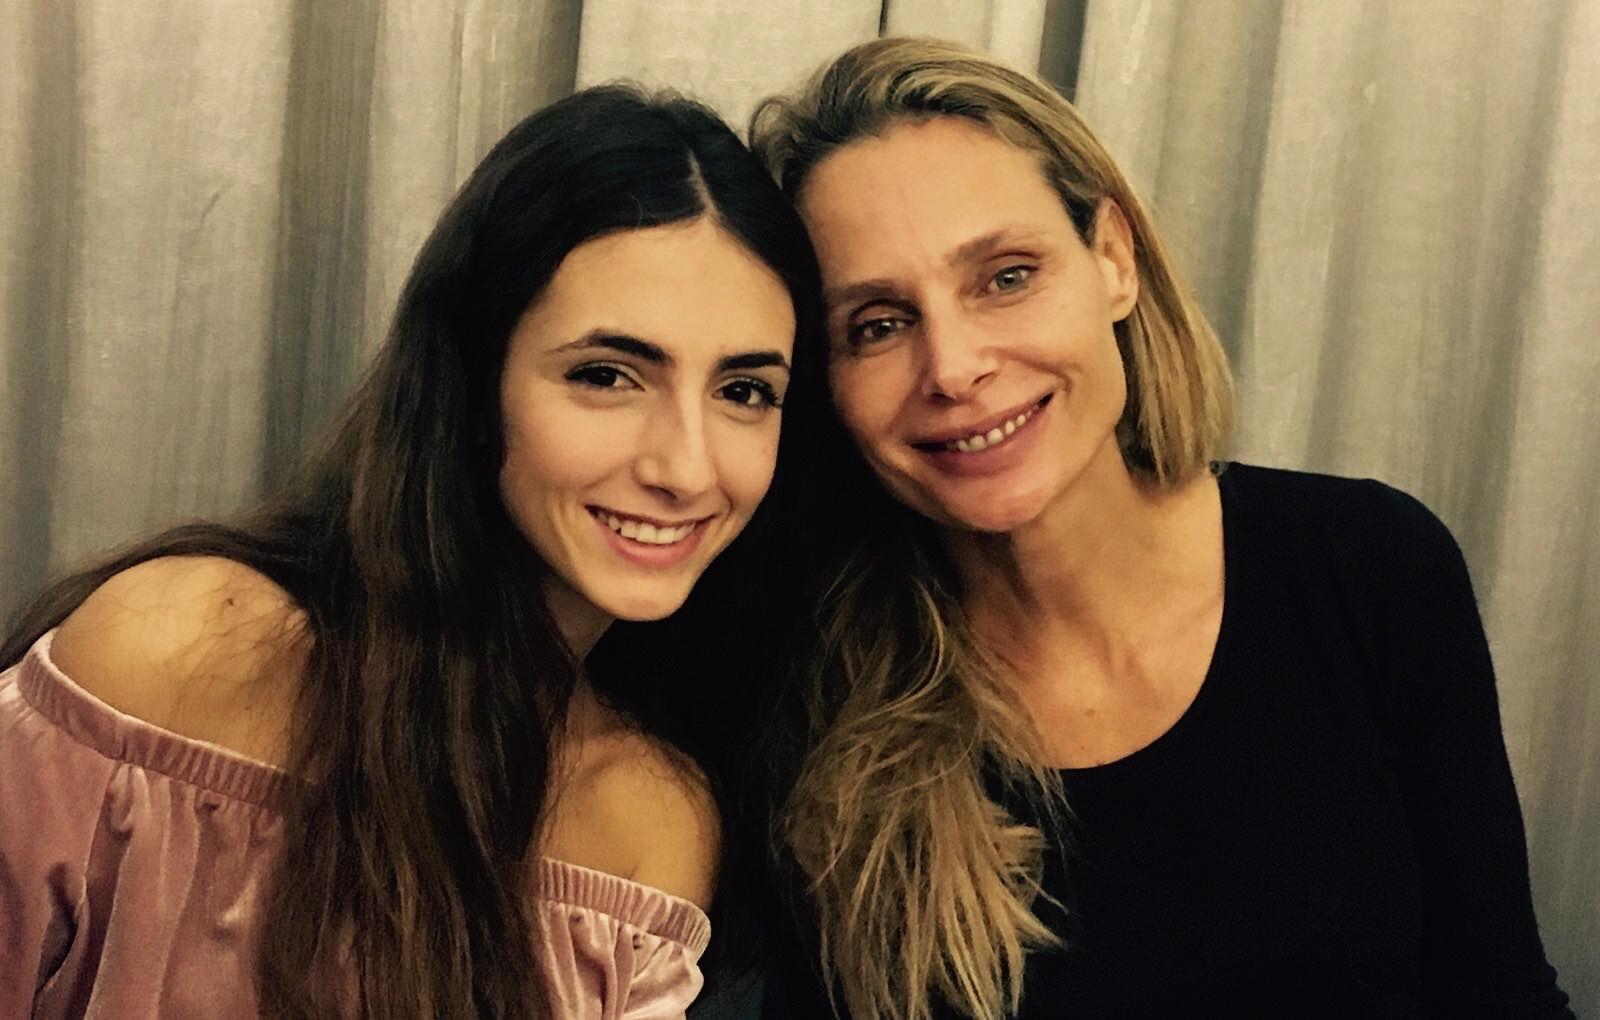 La figlia di Francesco Nuti: Sono la tutrice di papà, mi